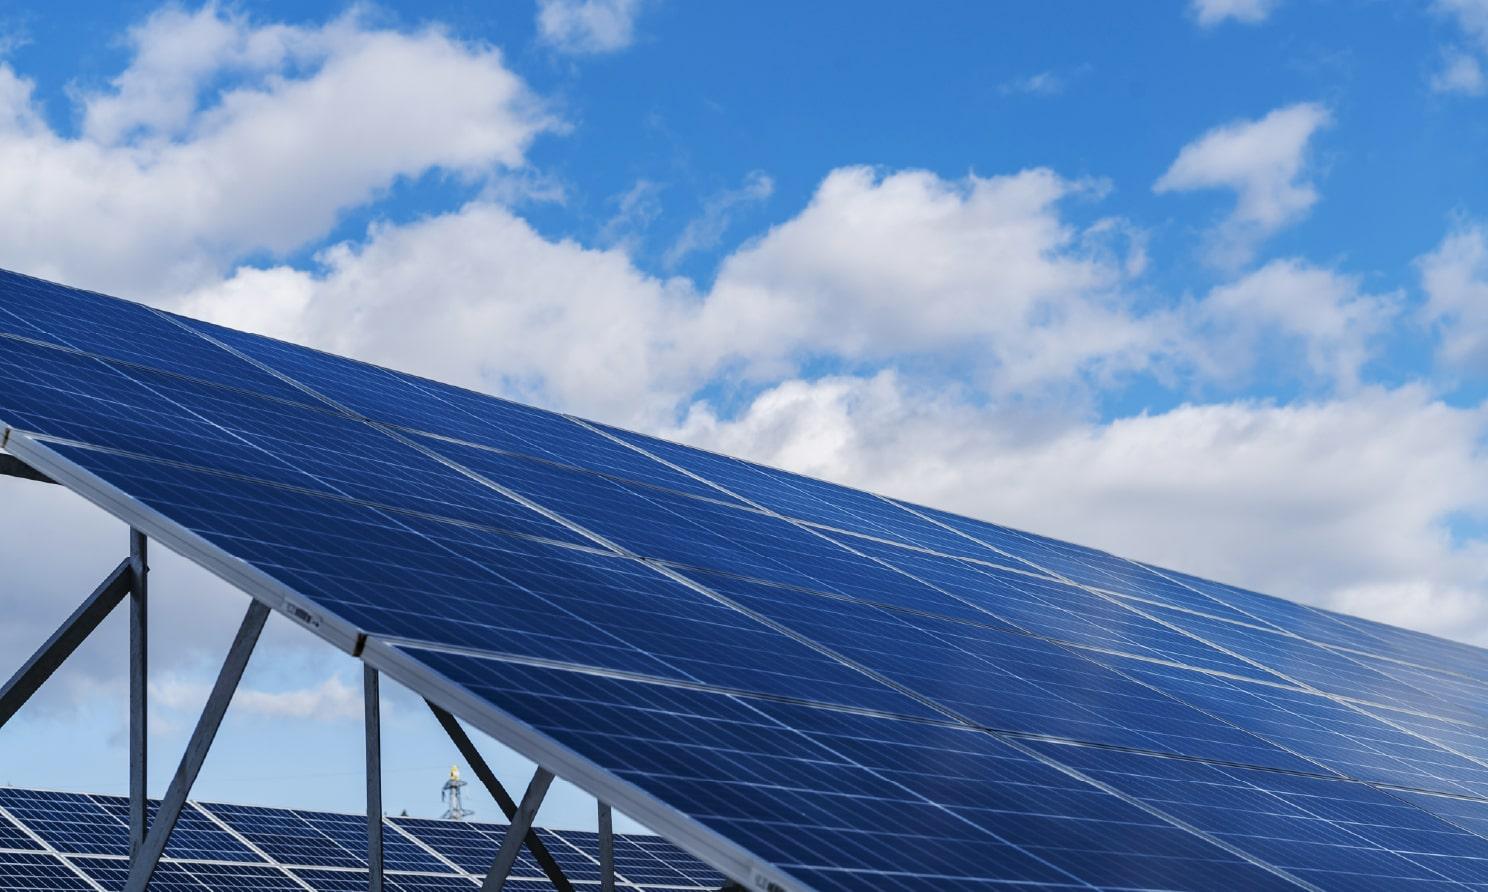 環境エネルギー事業